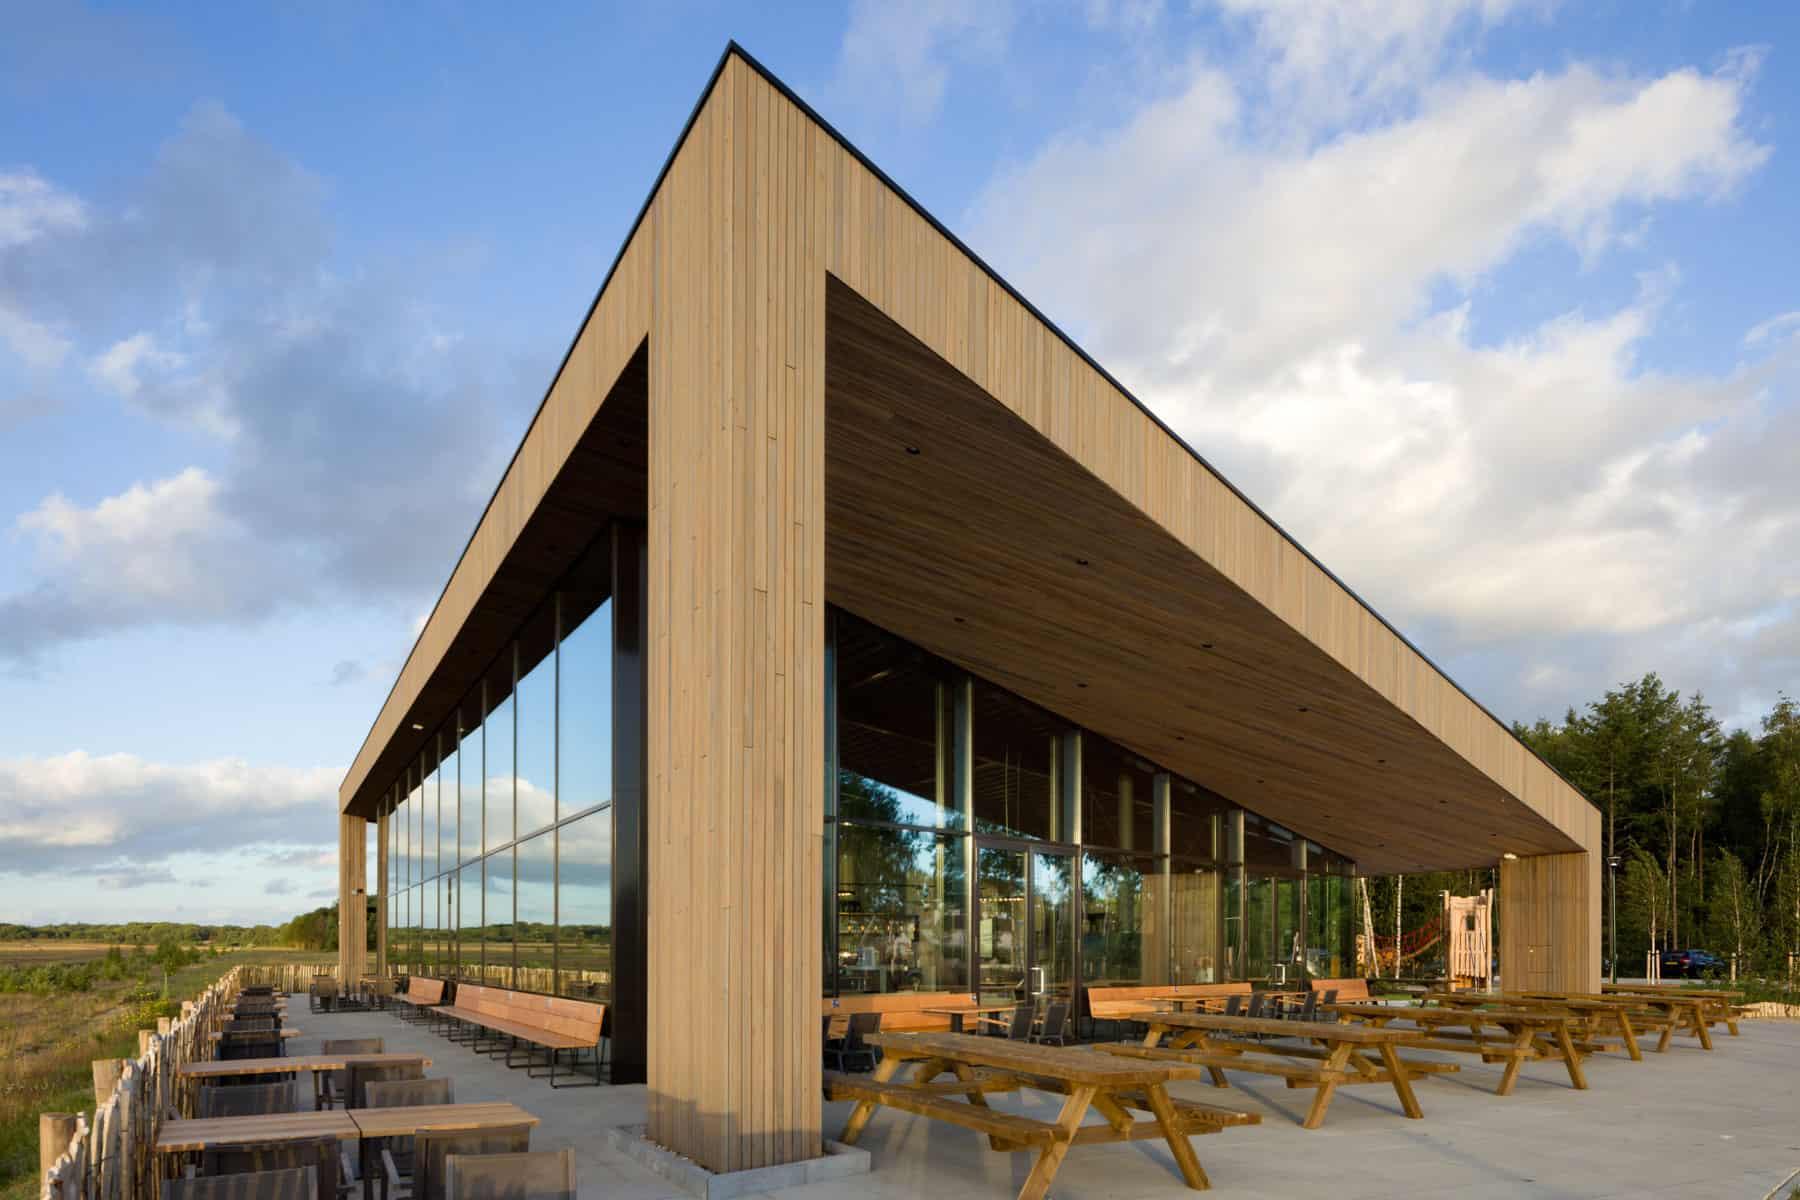 Cafe-restaurant Soesterdal door VOCUS architecten